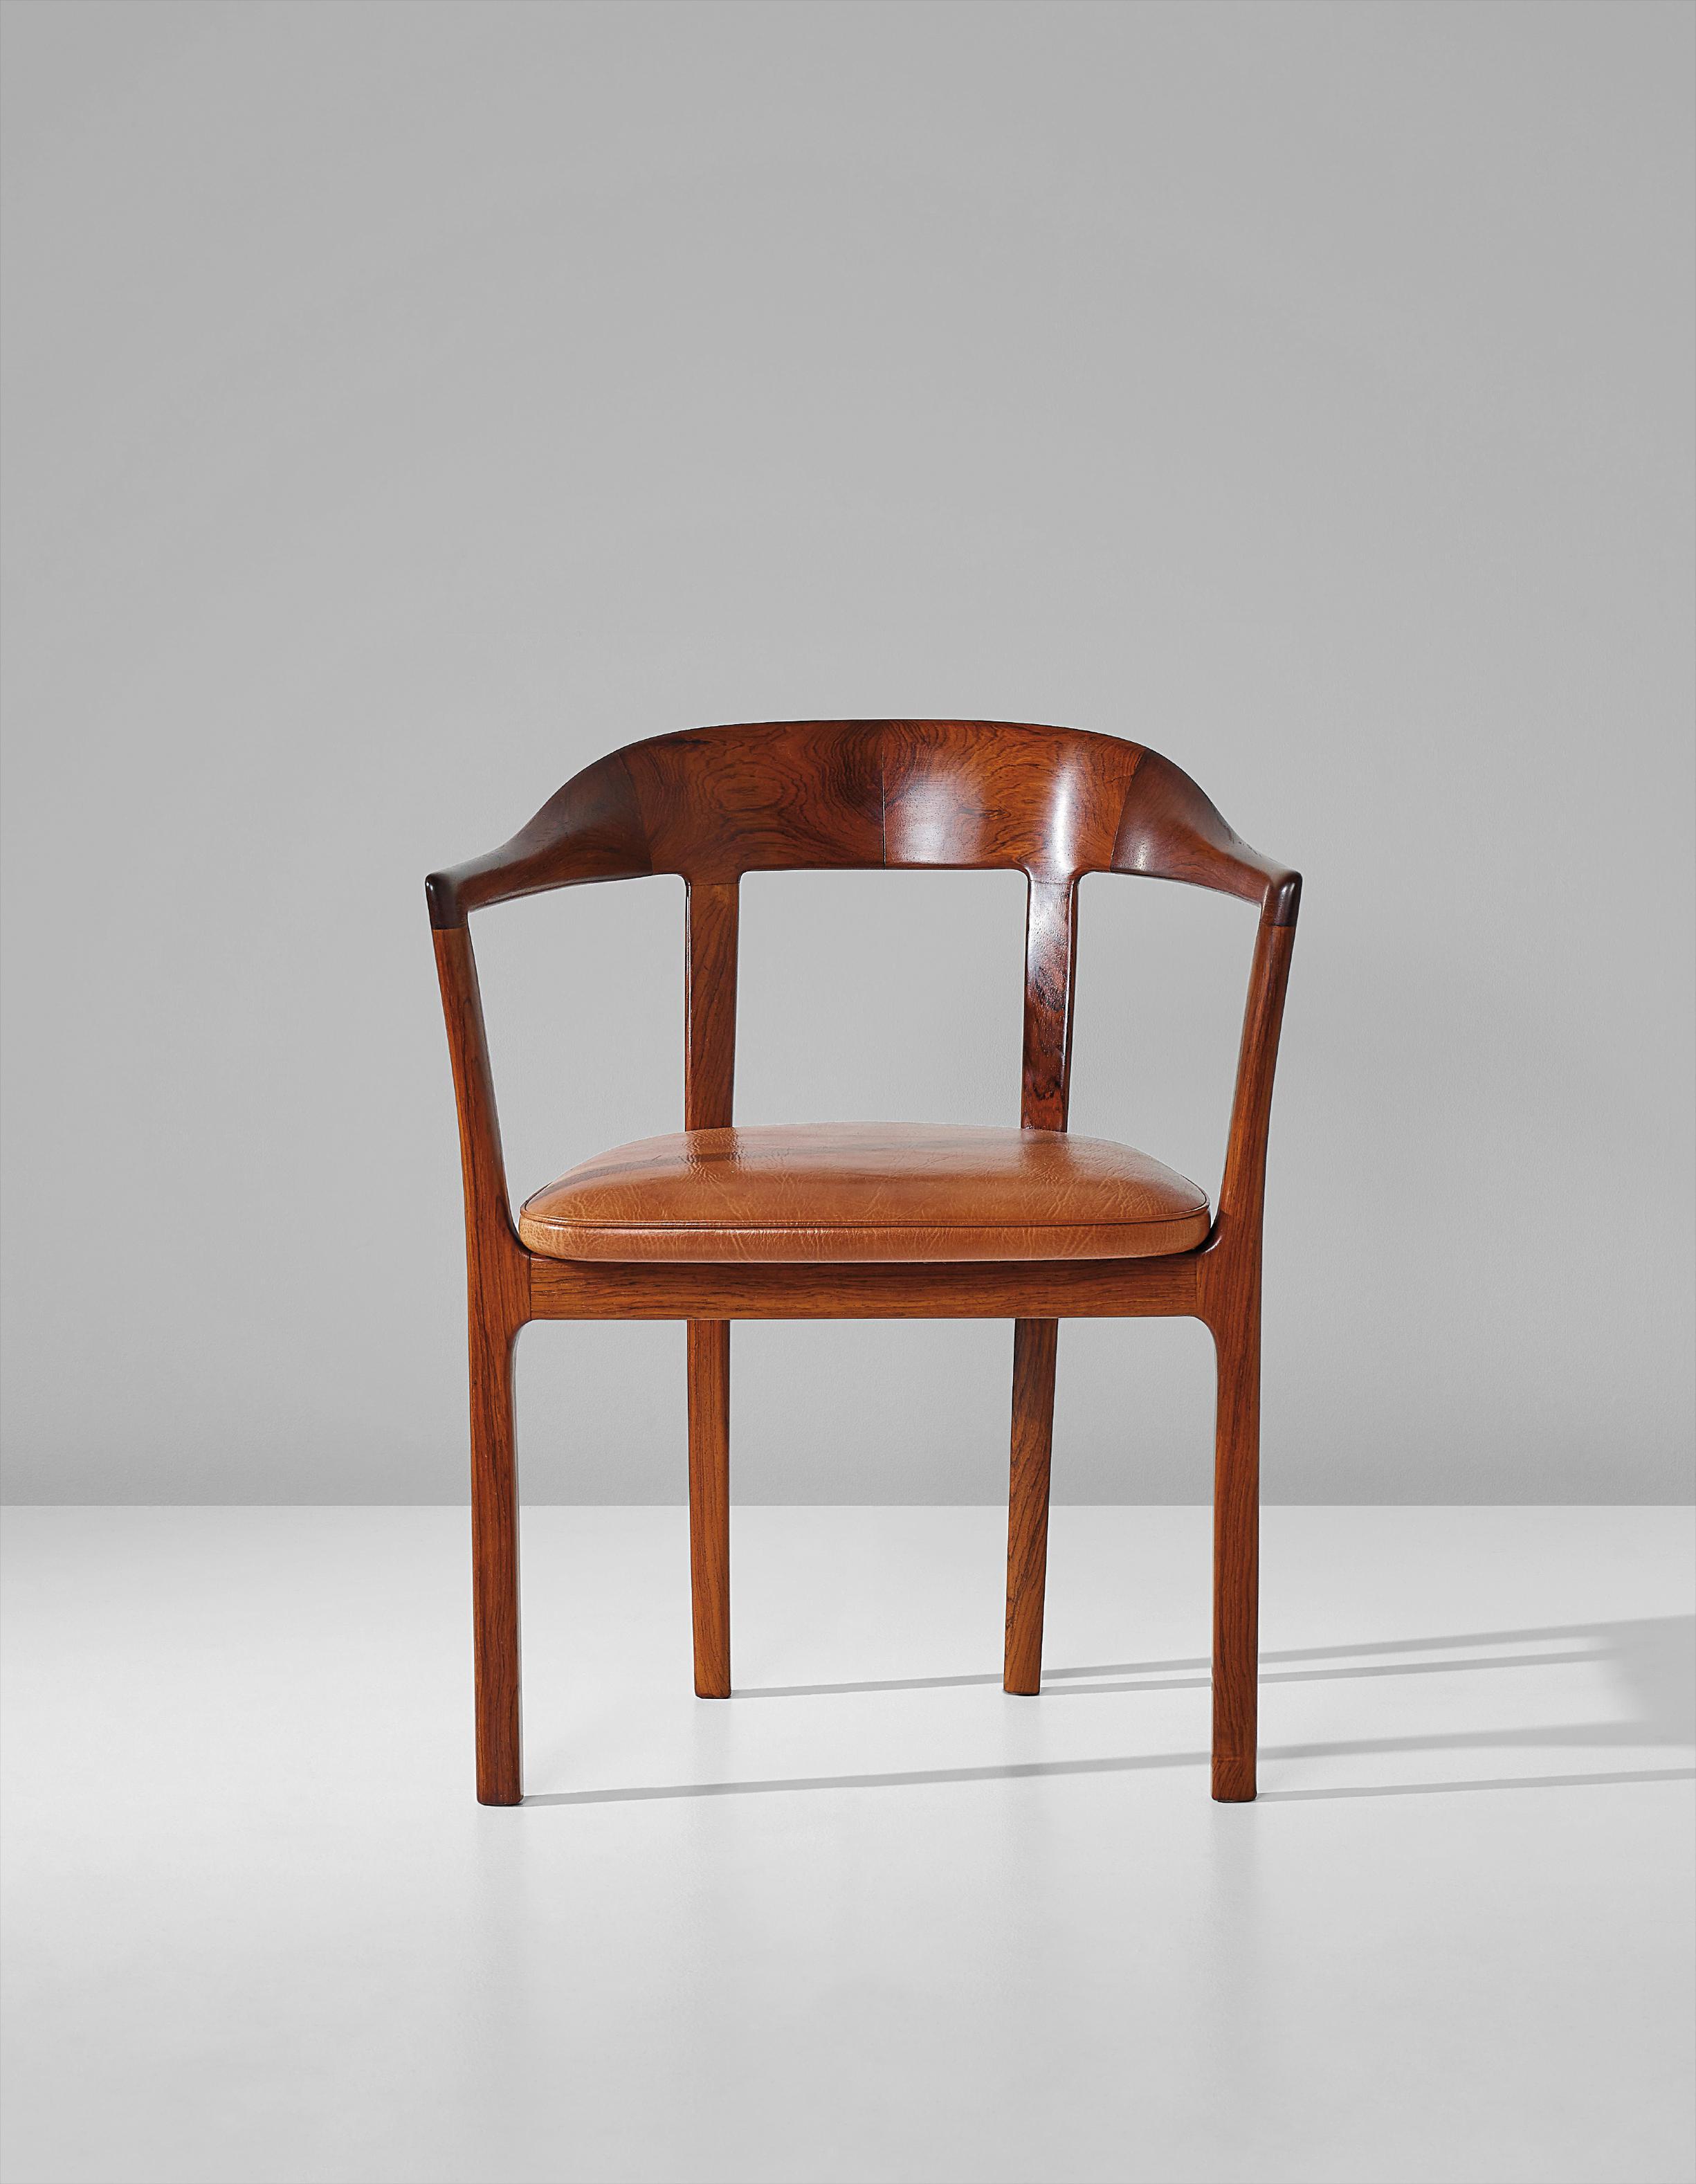 Ole Wanscher - Armchair-1958